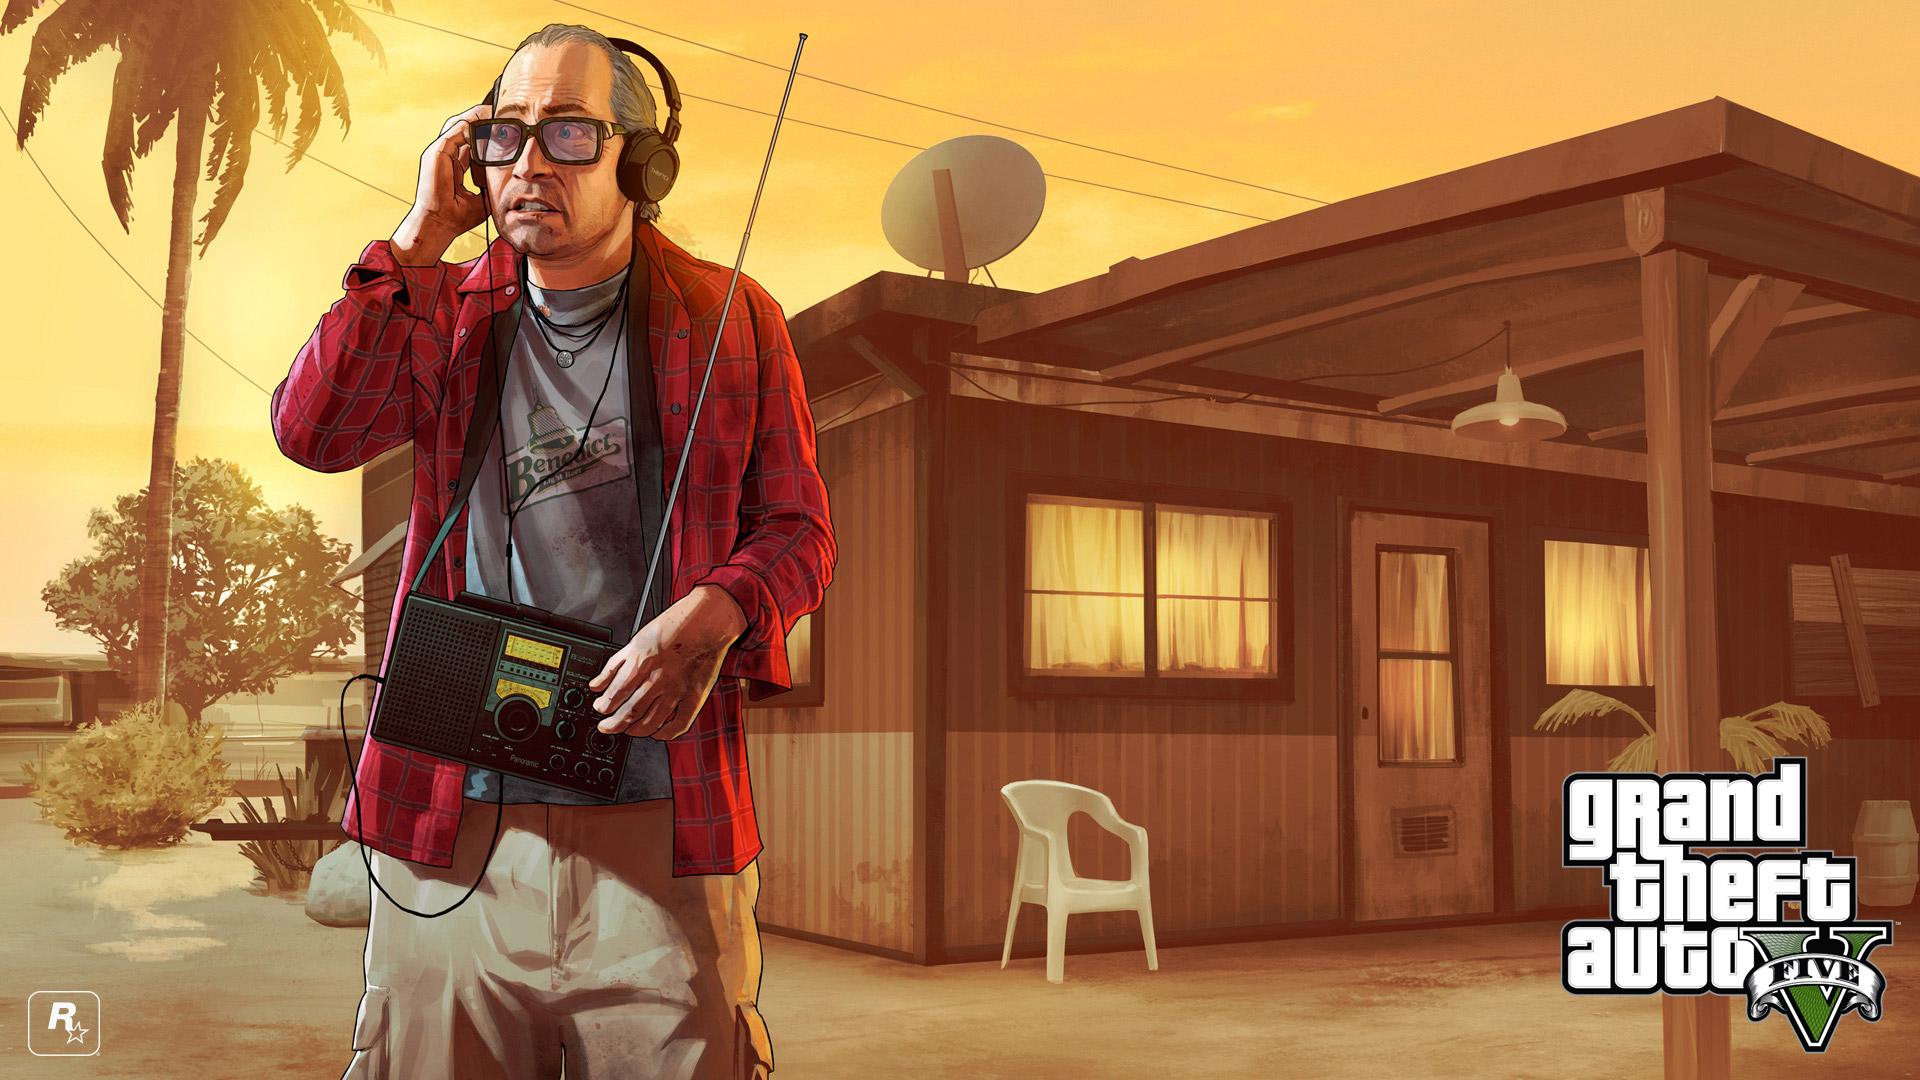 Grand Theft Auto V Wallpaper in 1920x1080 1920x1080